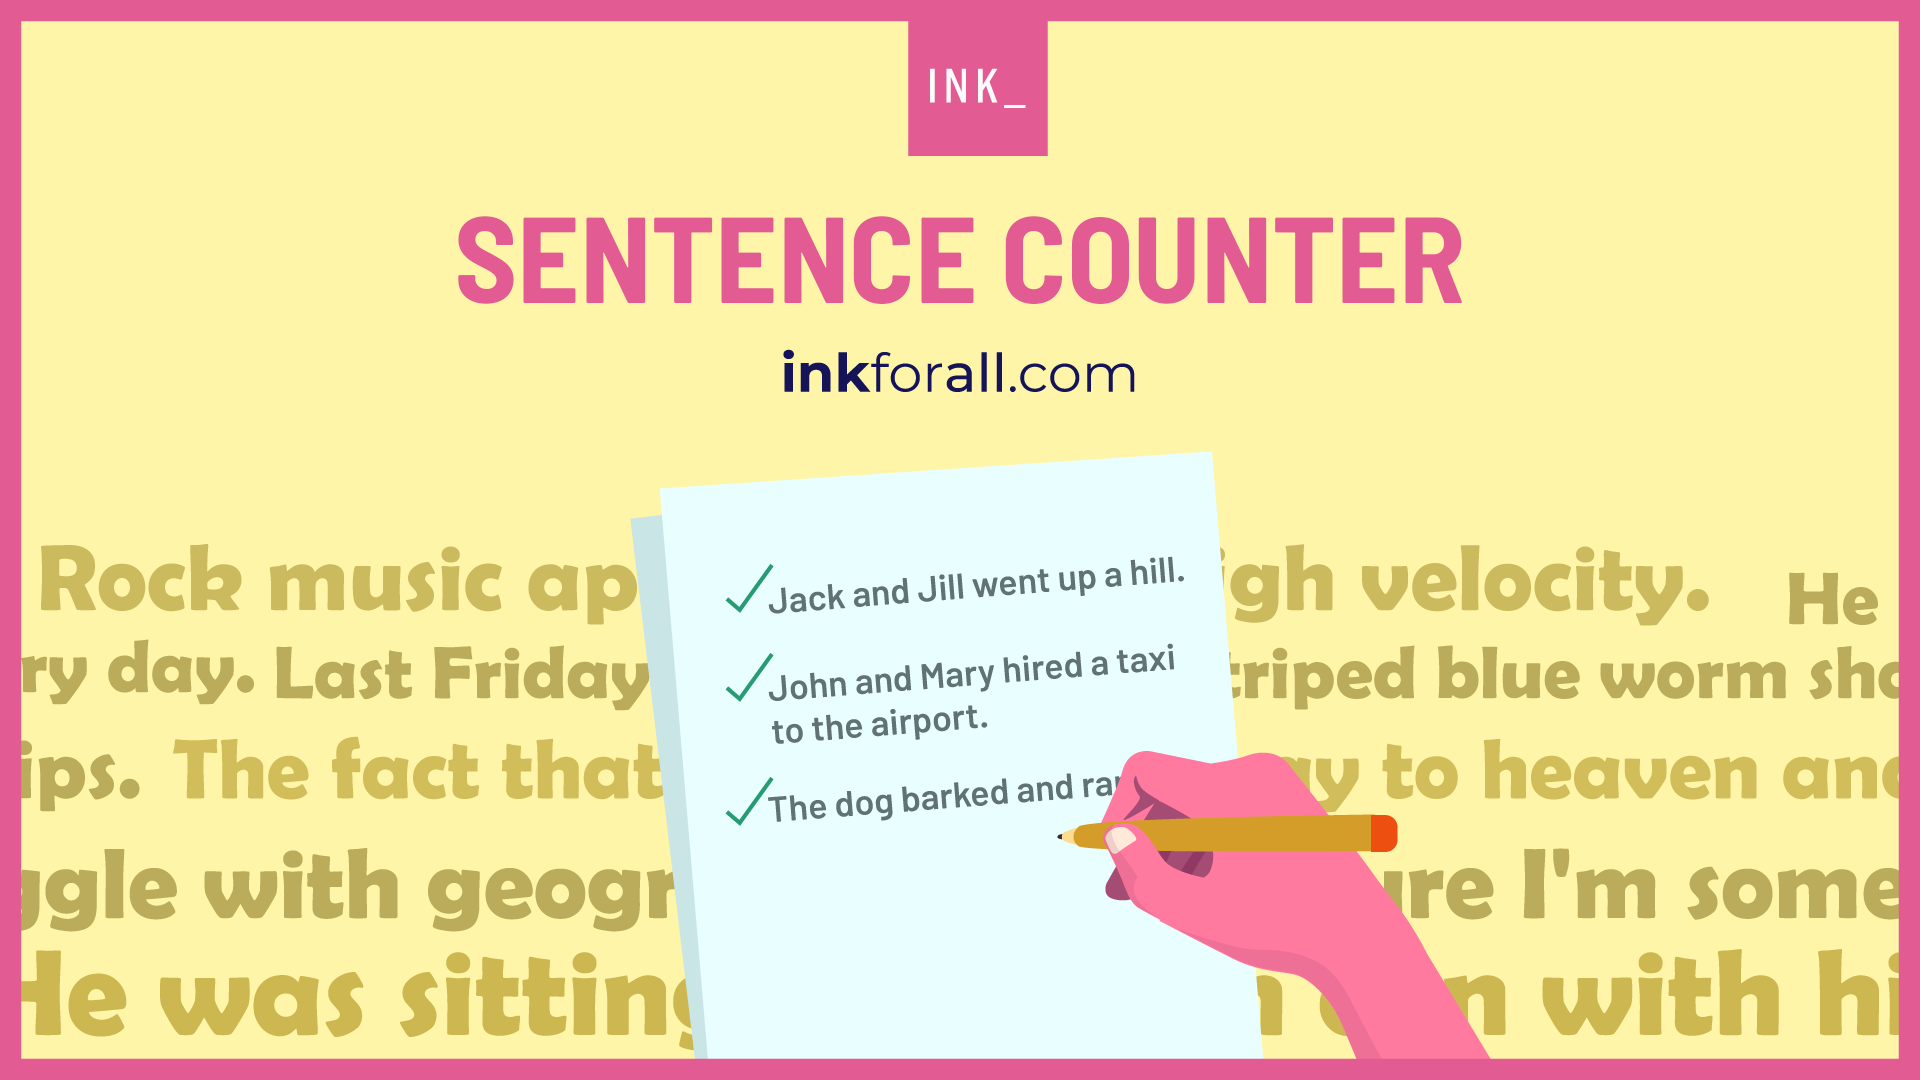 Sentence counter